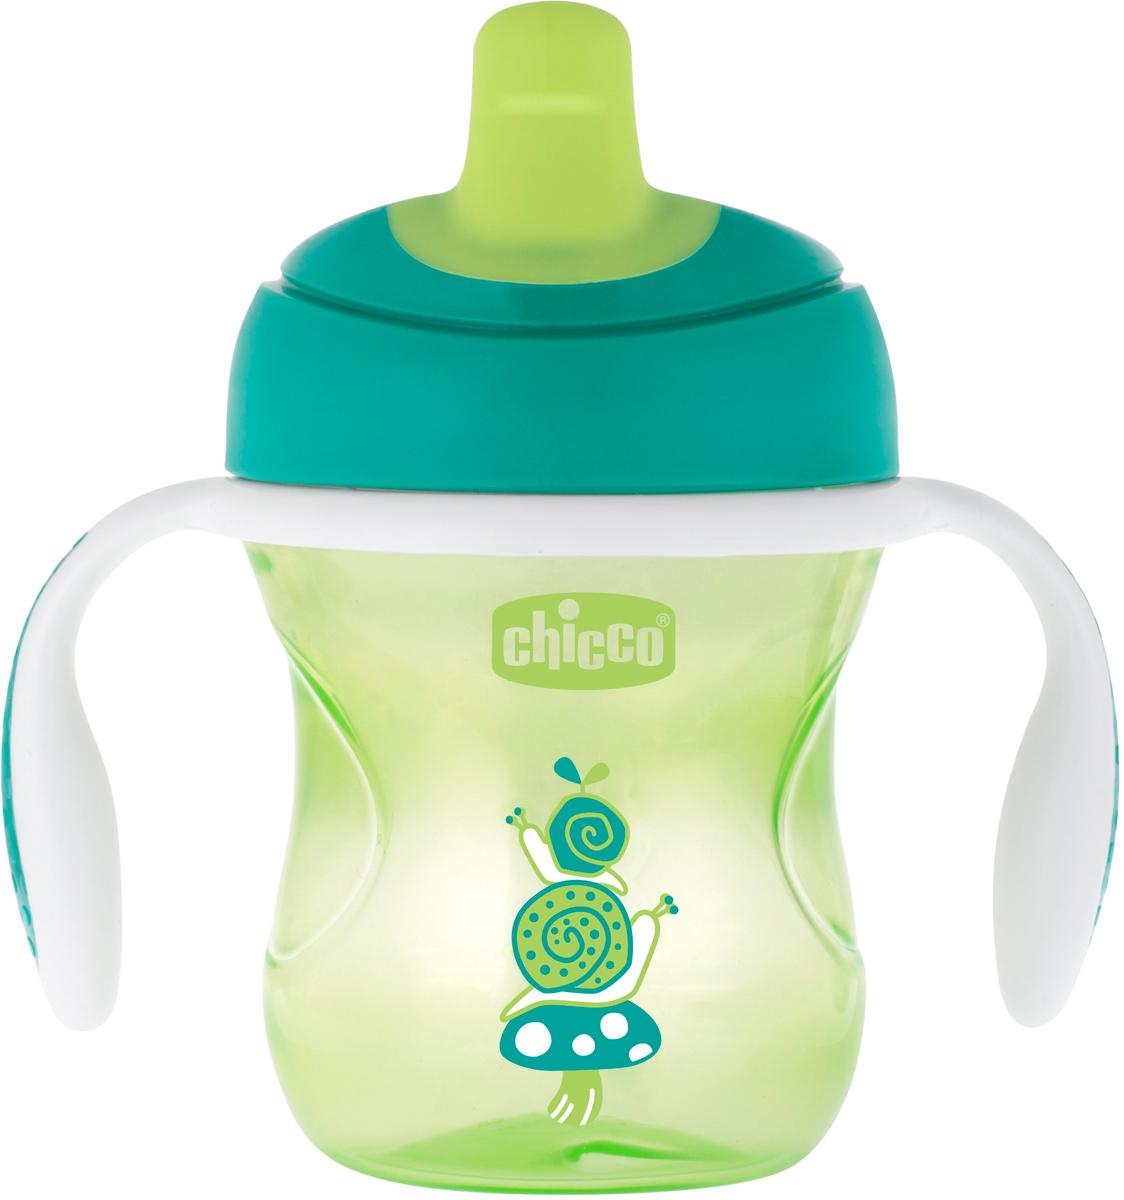 Chicco Чашка-поильник Transition Cup от 6 месяцев цвет зеленый 200 мл -  Поильники